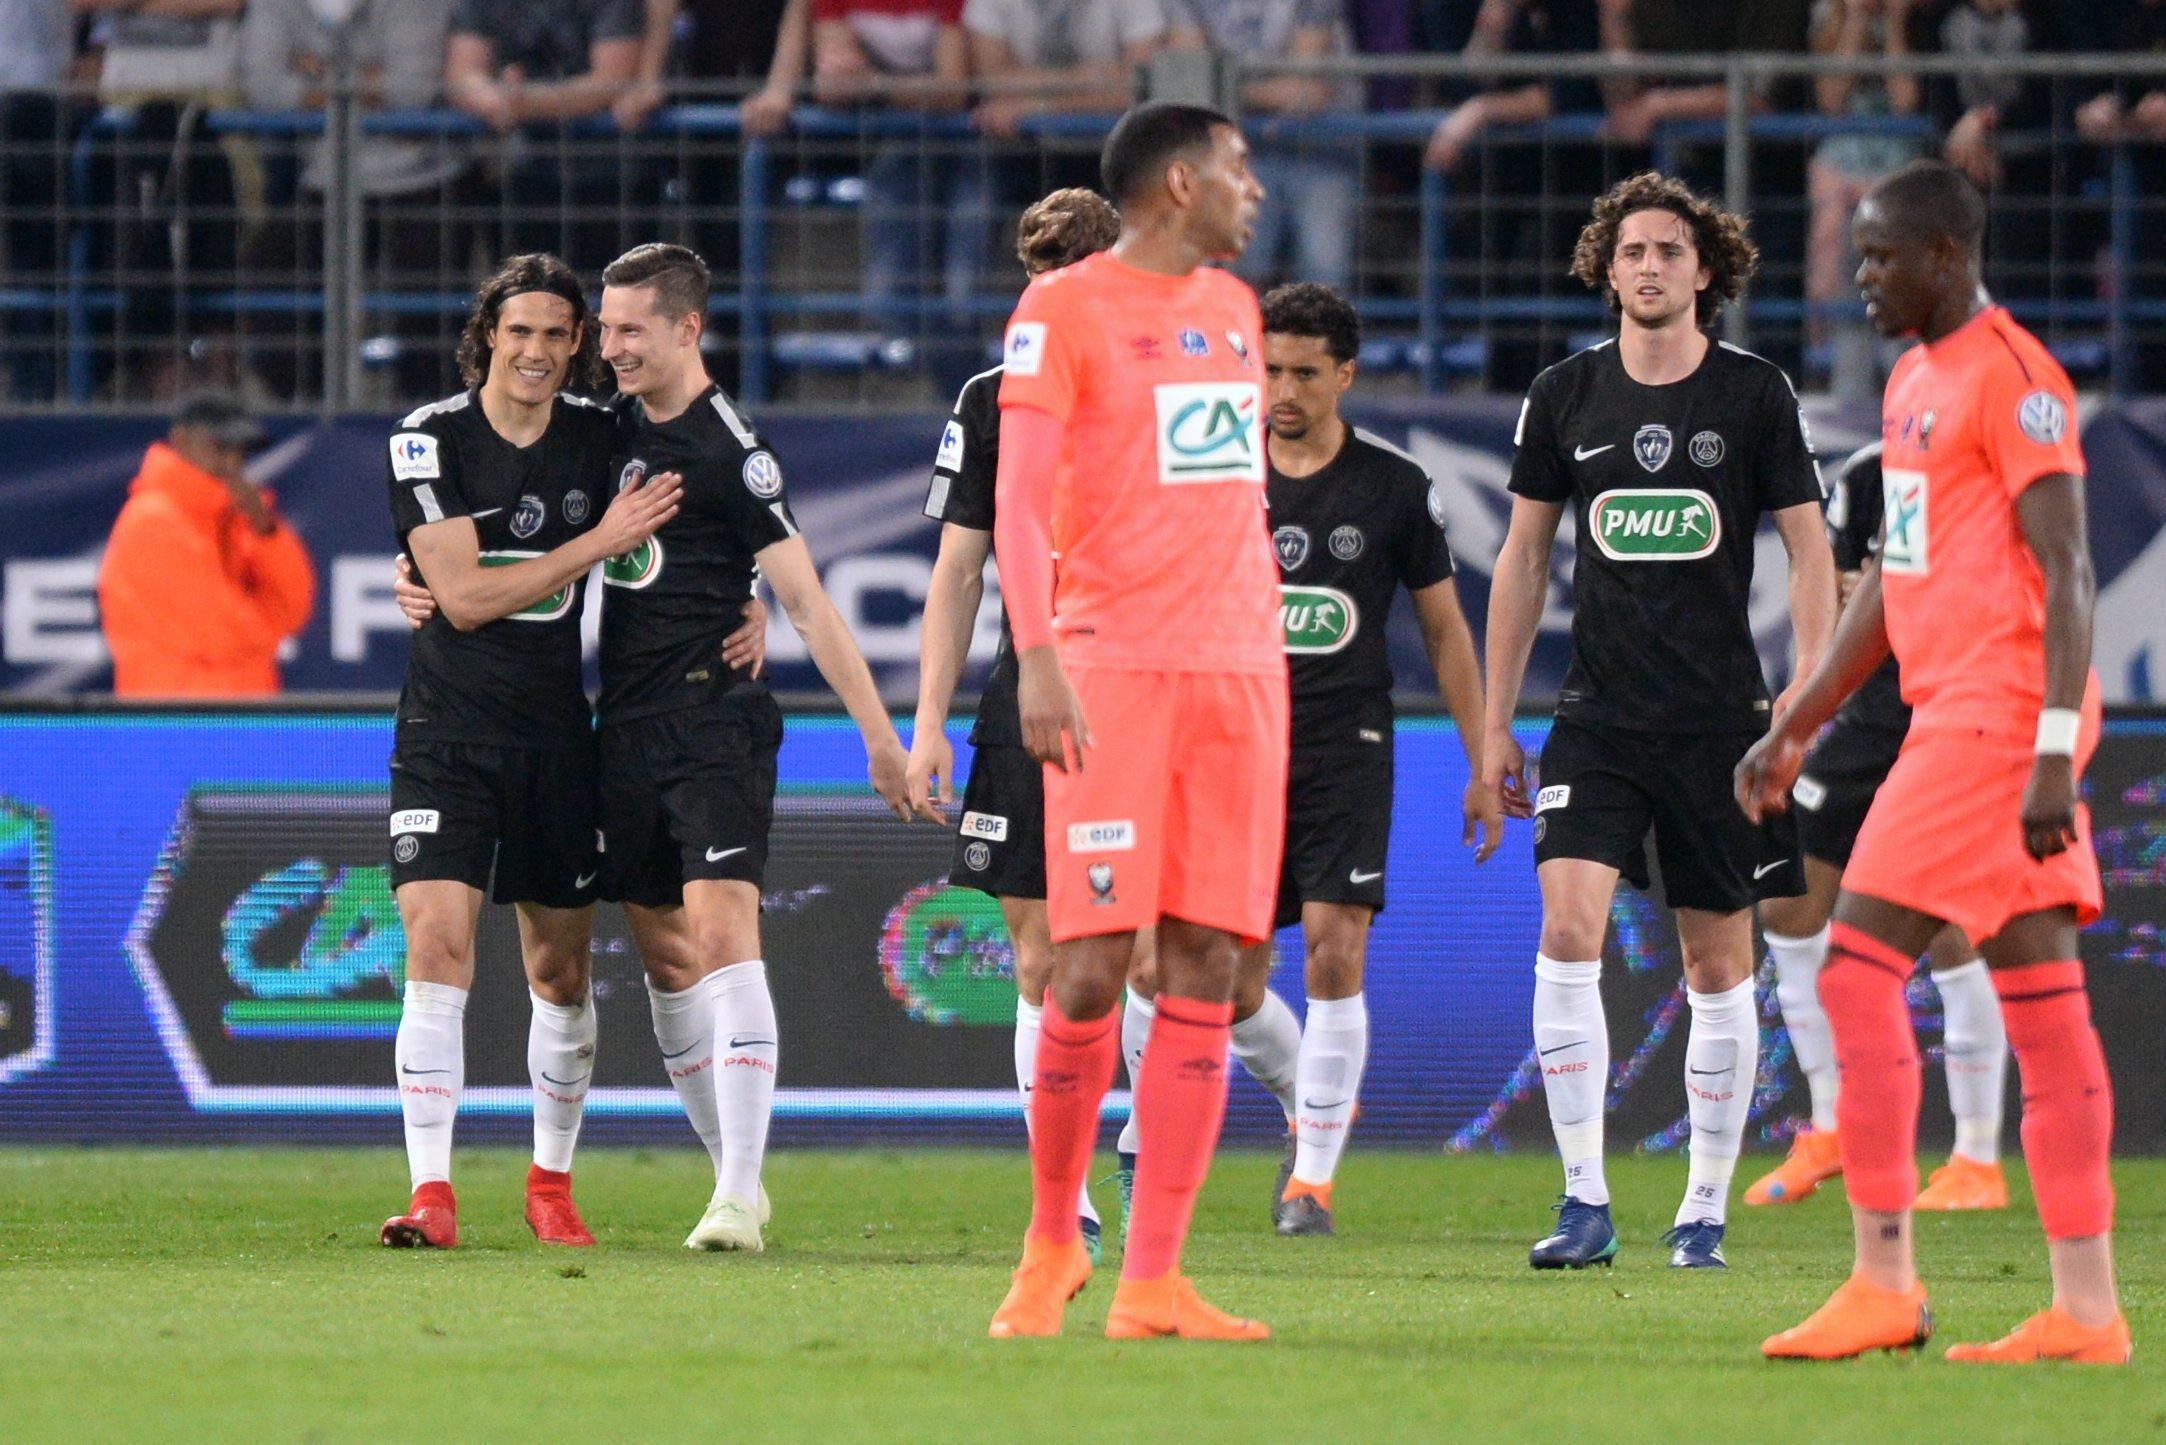 Football - Coupe de France - Arbitrage vidéo : plus c'est long, moins c'est bon